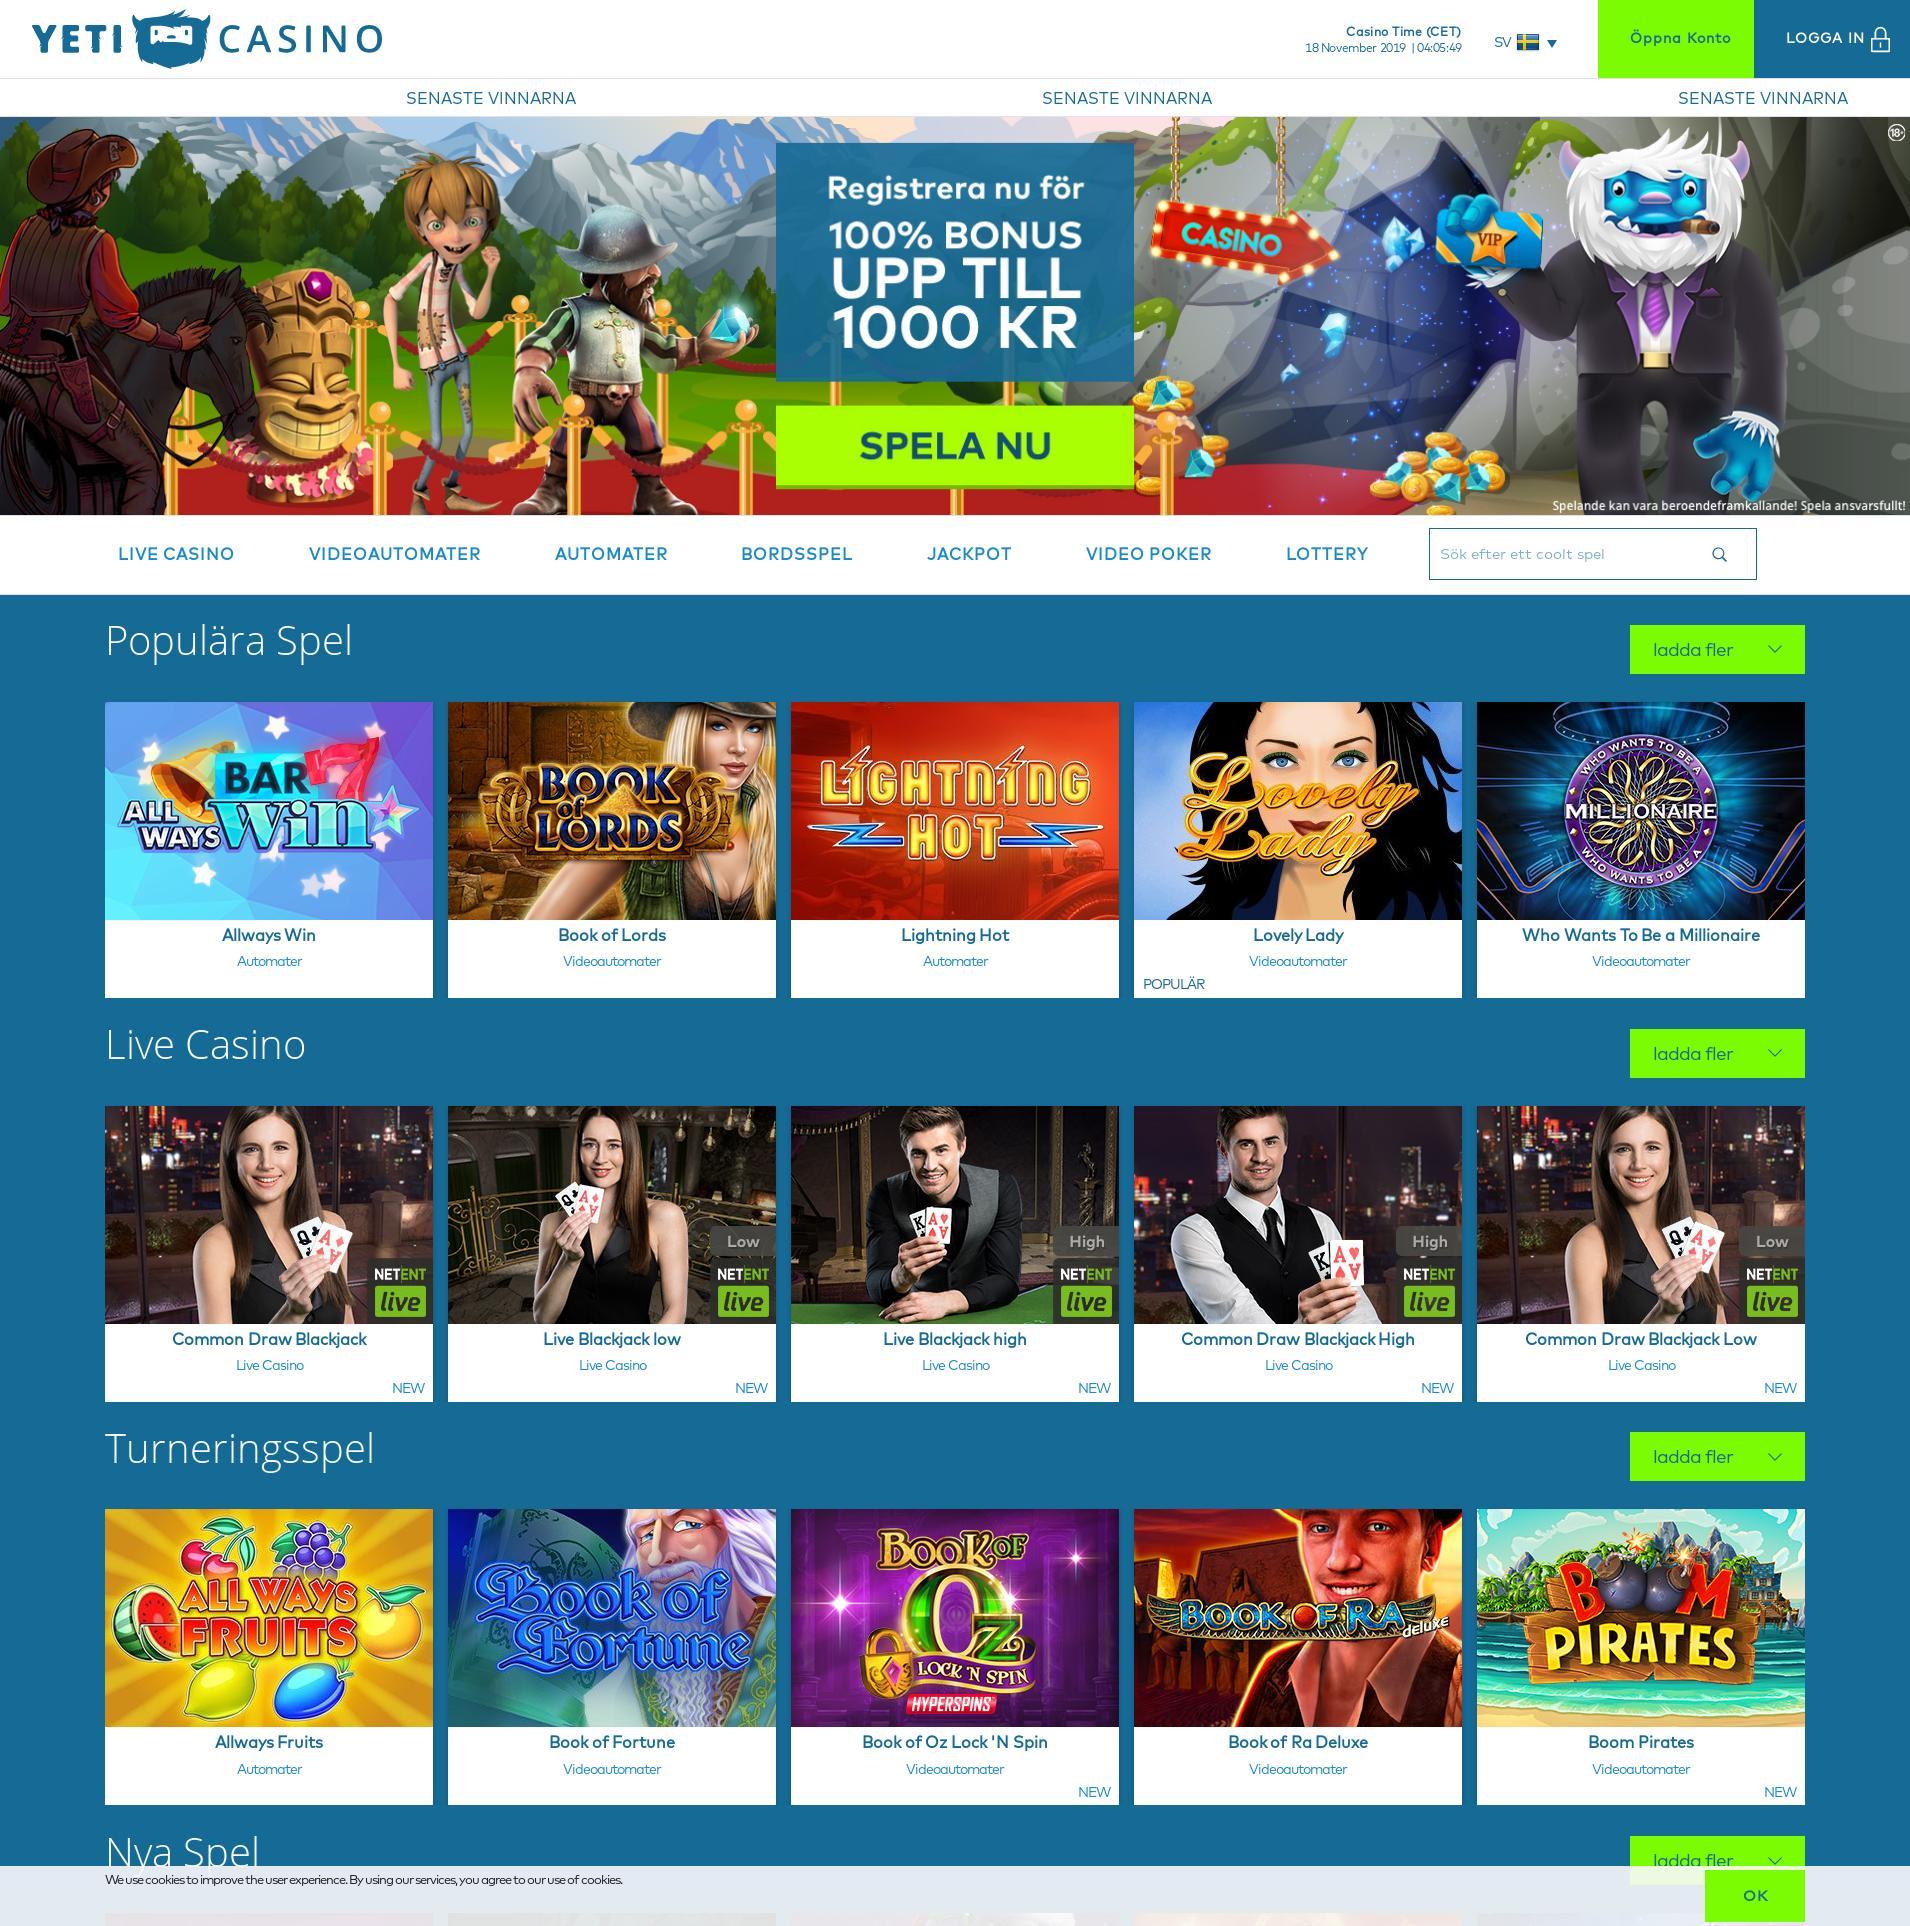 Casino screen Lobby 2019-11-18 for Sweden